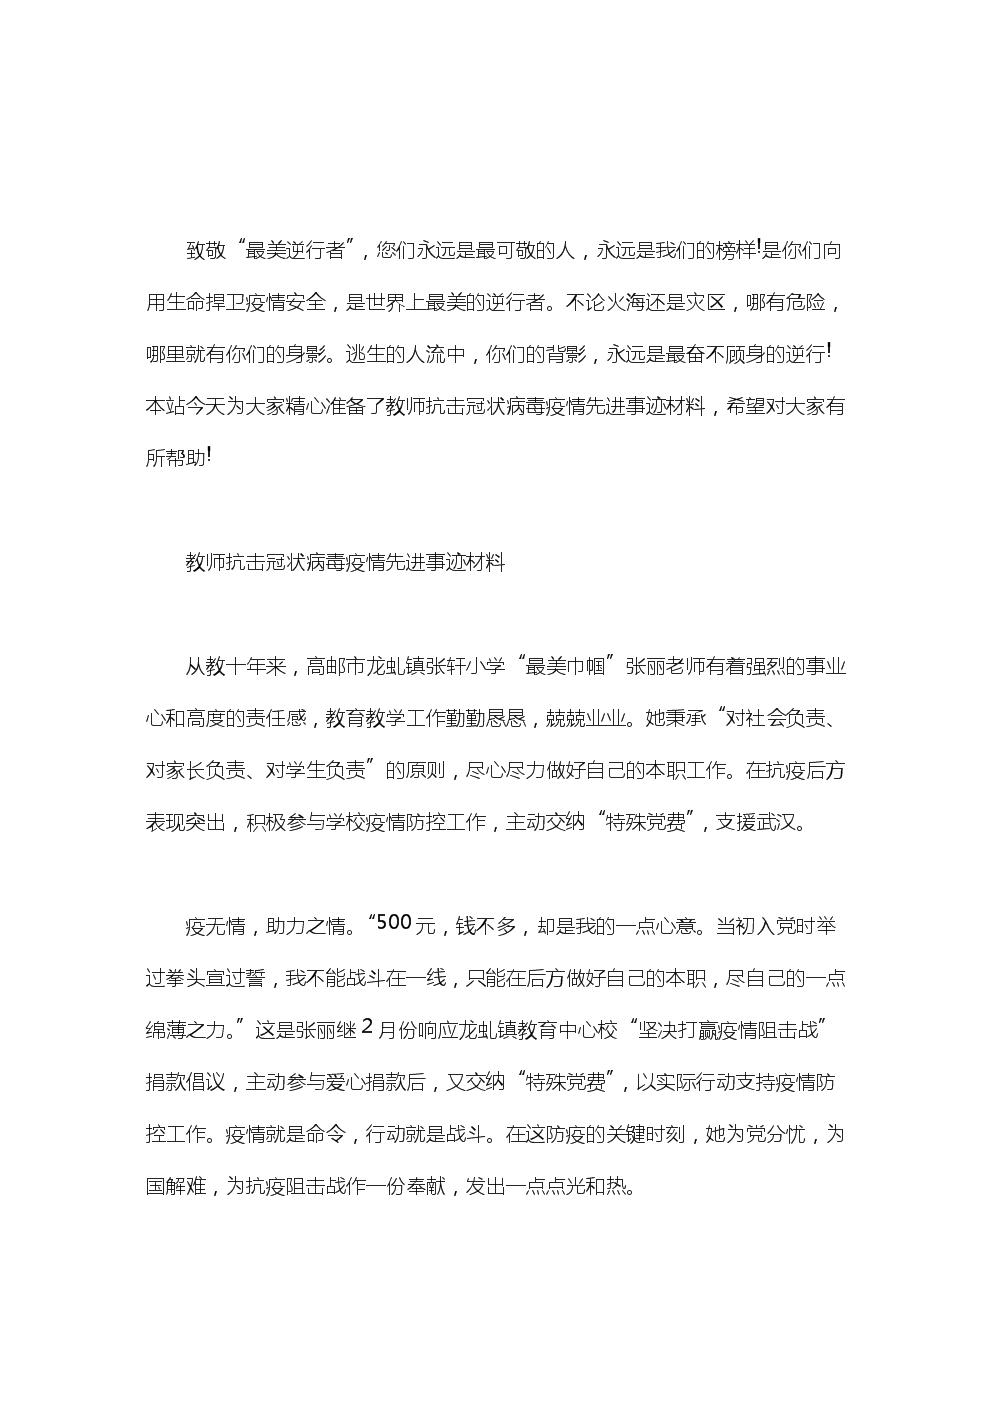 教师抗击冠状病毒疫情先进事迹材料3篇.doc